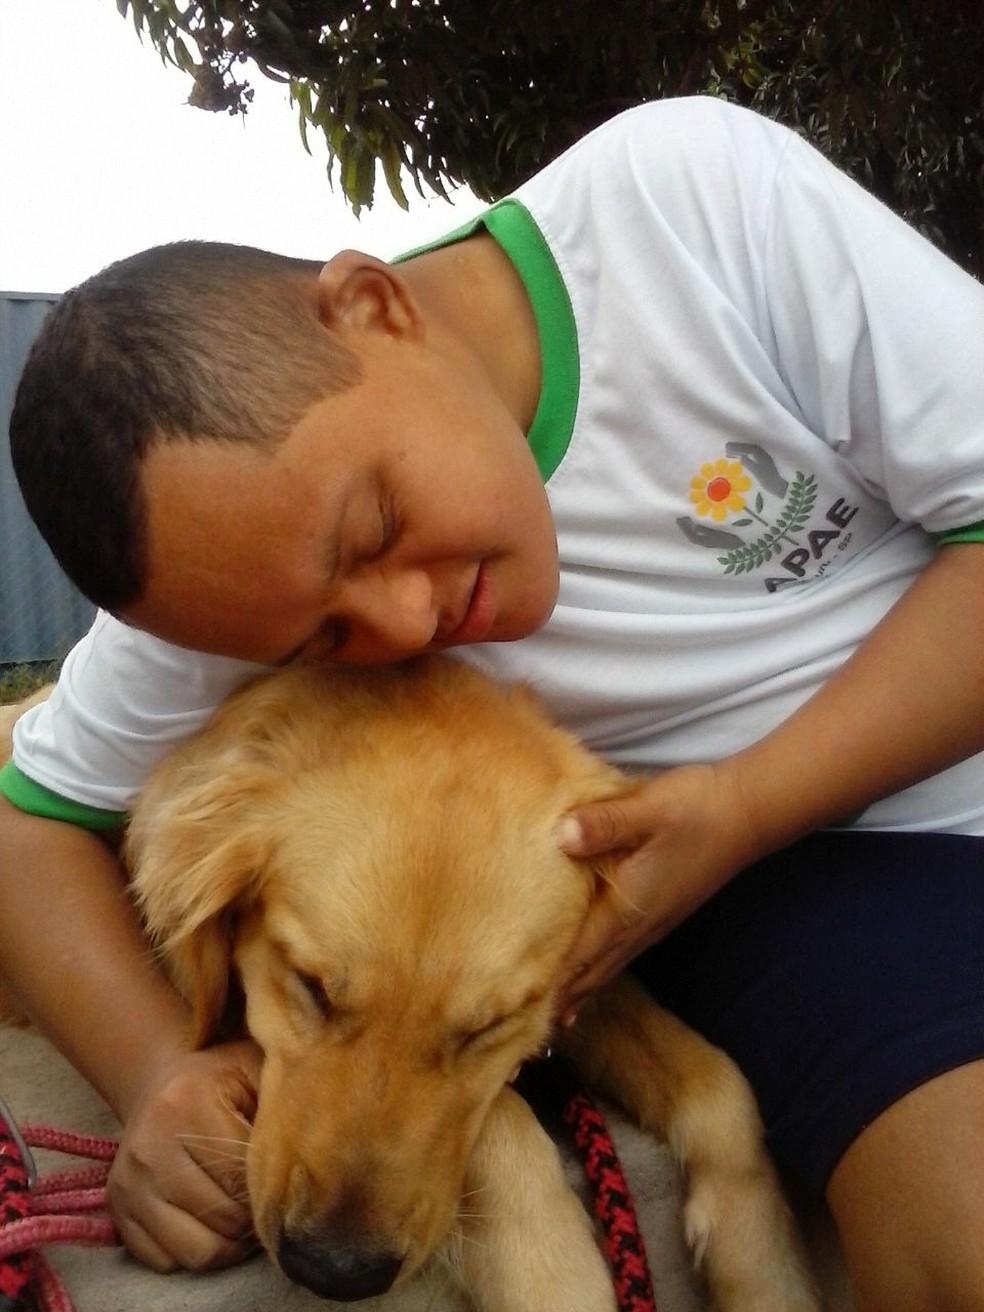 Criado em 2010, projeto Pet Terapia ajuda alunos da Apae Bauru a se expressar melhor, além de estimular os sentidos como o tato (Foto: Divulgação)